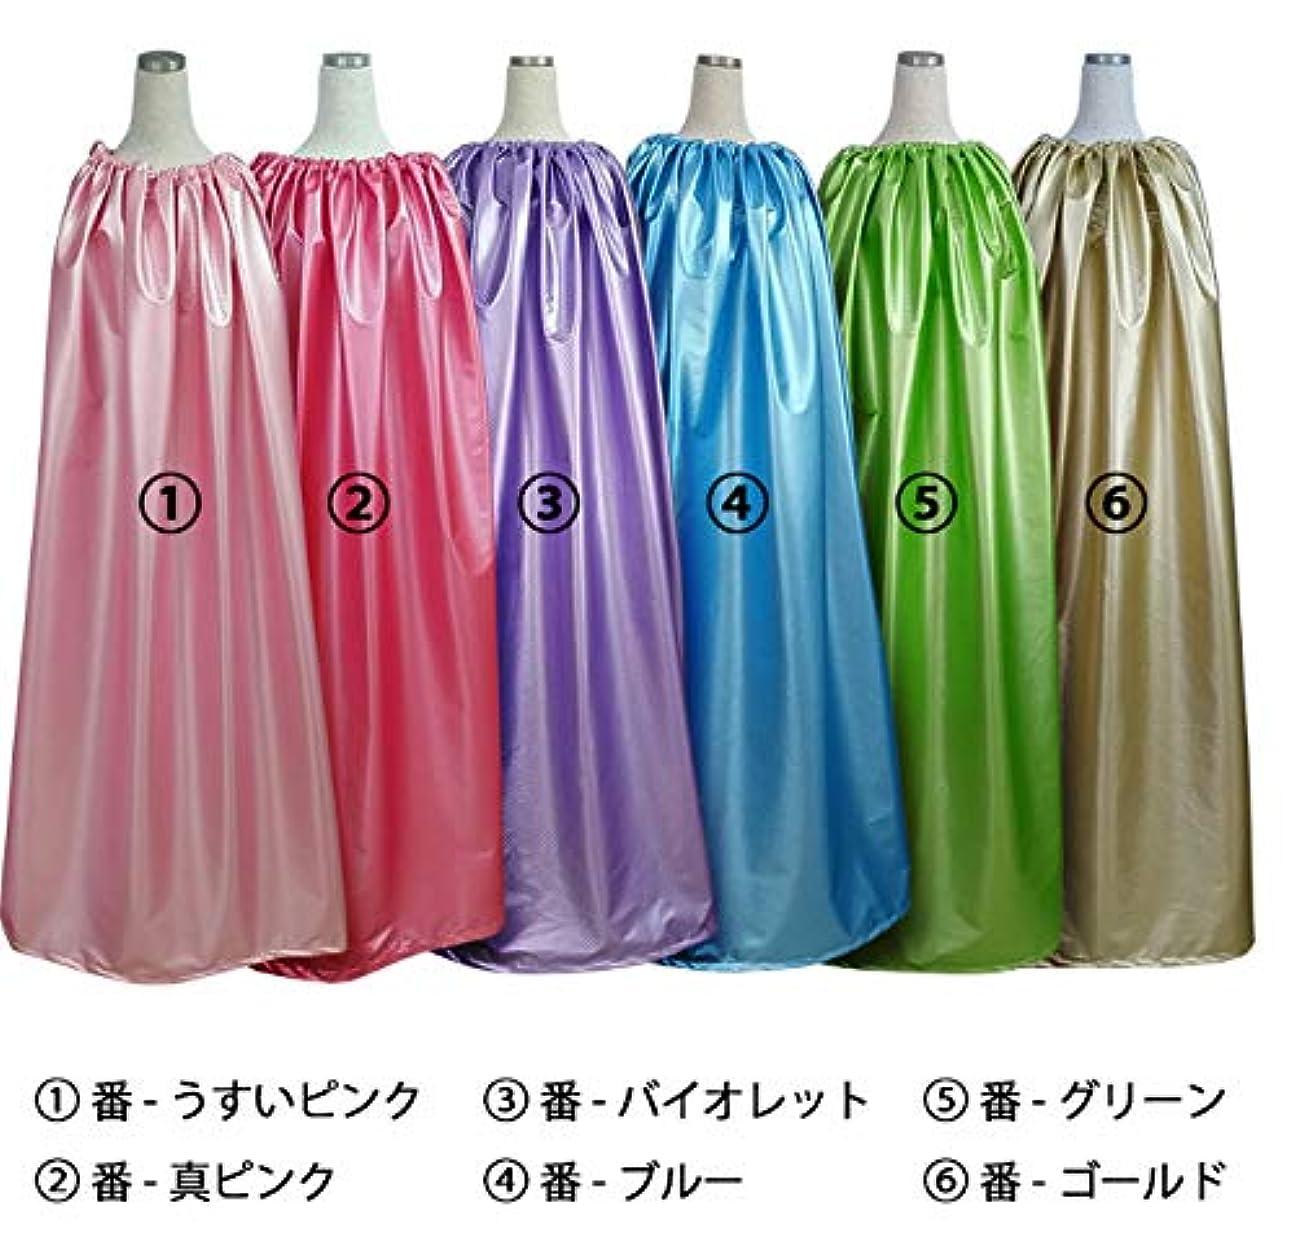 離すジョットディボンドン負荷ヨモギ蒸し服、よもぎ蒸しマント可愛い色、色選択必要です一枚